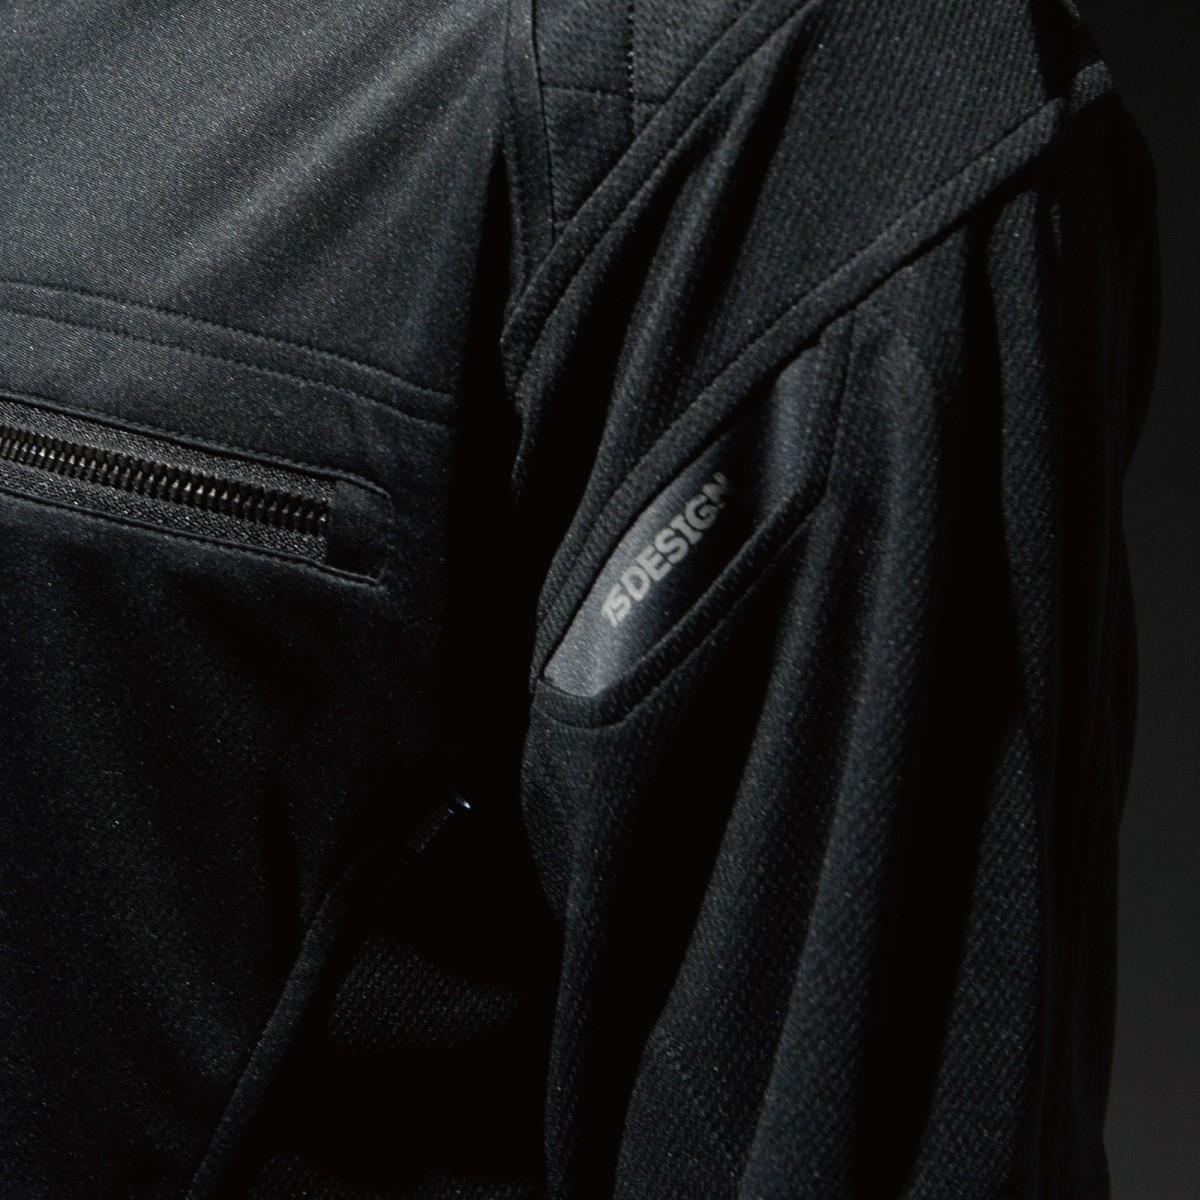 846305 ワークニットロングシャツ 左腕 スマホ対応のマルチポケットで便利です。